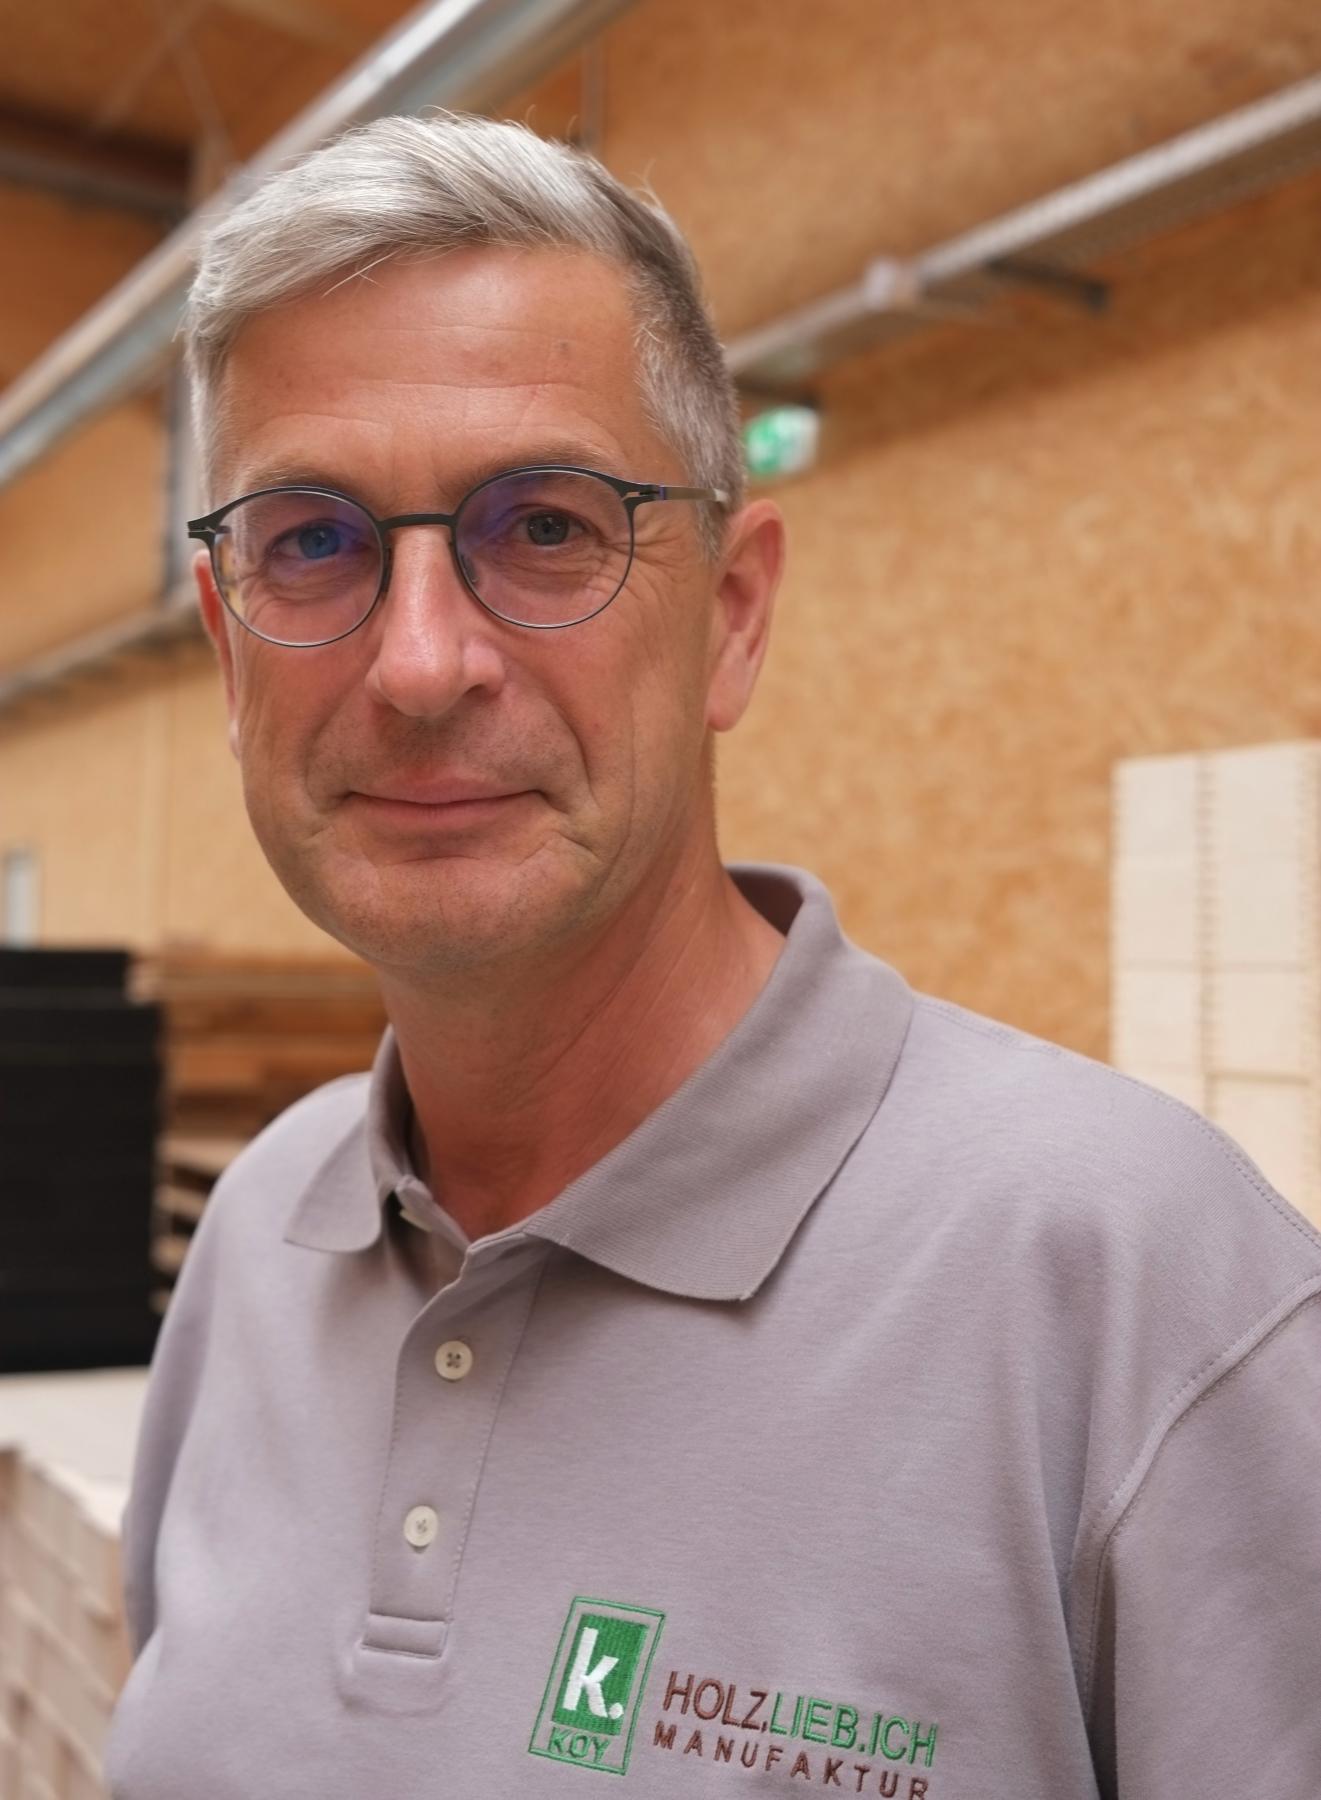 Manufakturen-Blog: Thomas Koy hat sein berufliches Leben der Holzmanufaktur Holz.lieb.ich und deren Weiterentwicklung verschrieben (Foto: Martin Specht)